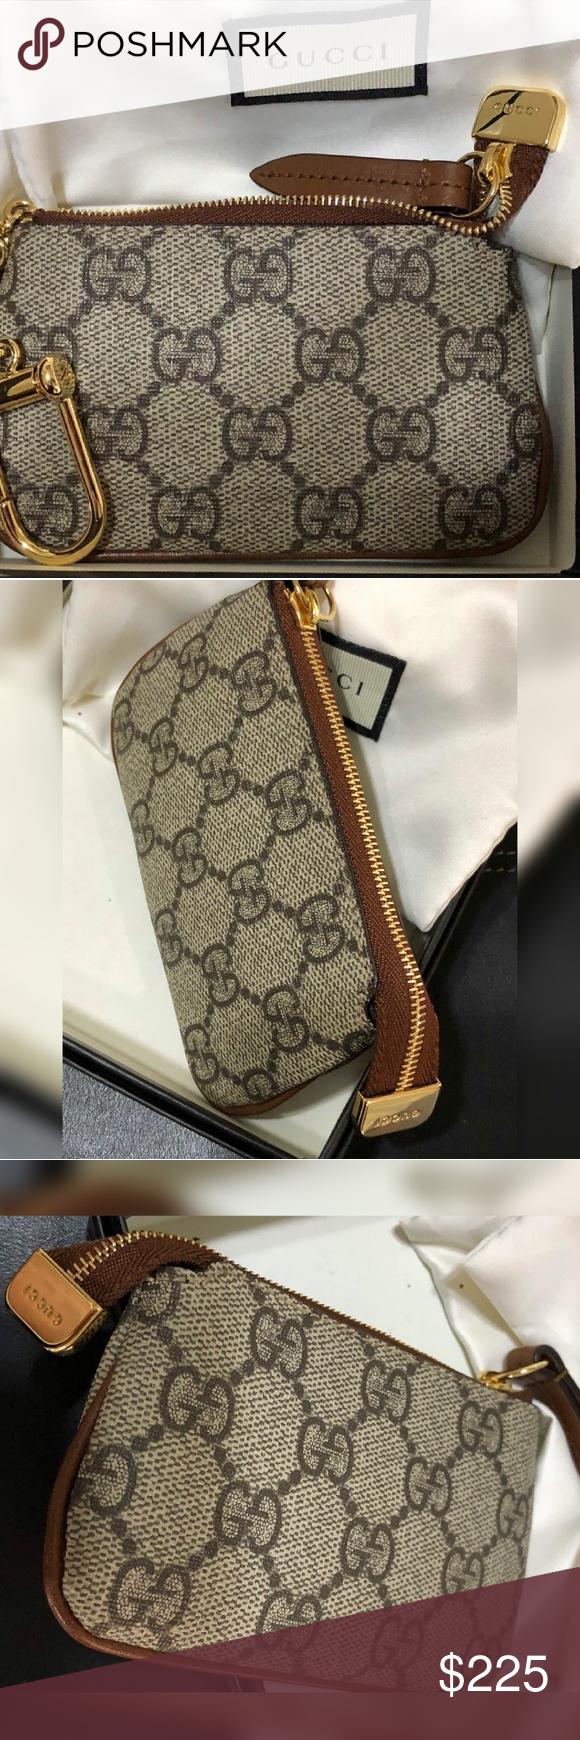 23d421ff0ae7 Gucci Key Case Zip Pouch Mini Wallet Change Ring Gucci GG Supreme Key Case  GG canvas